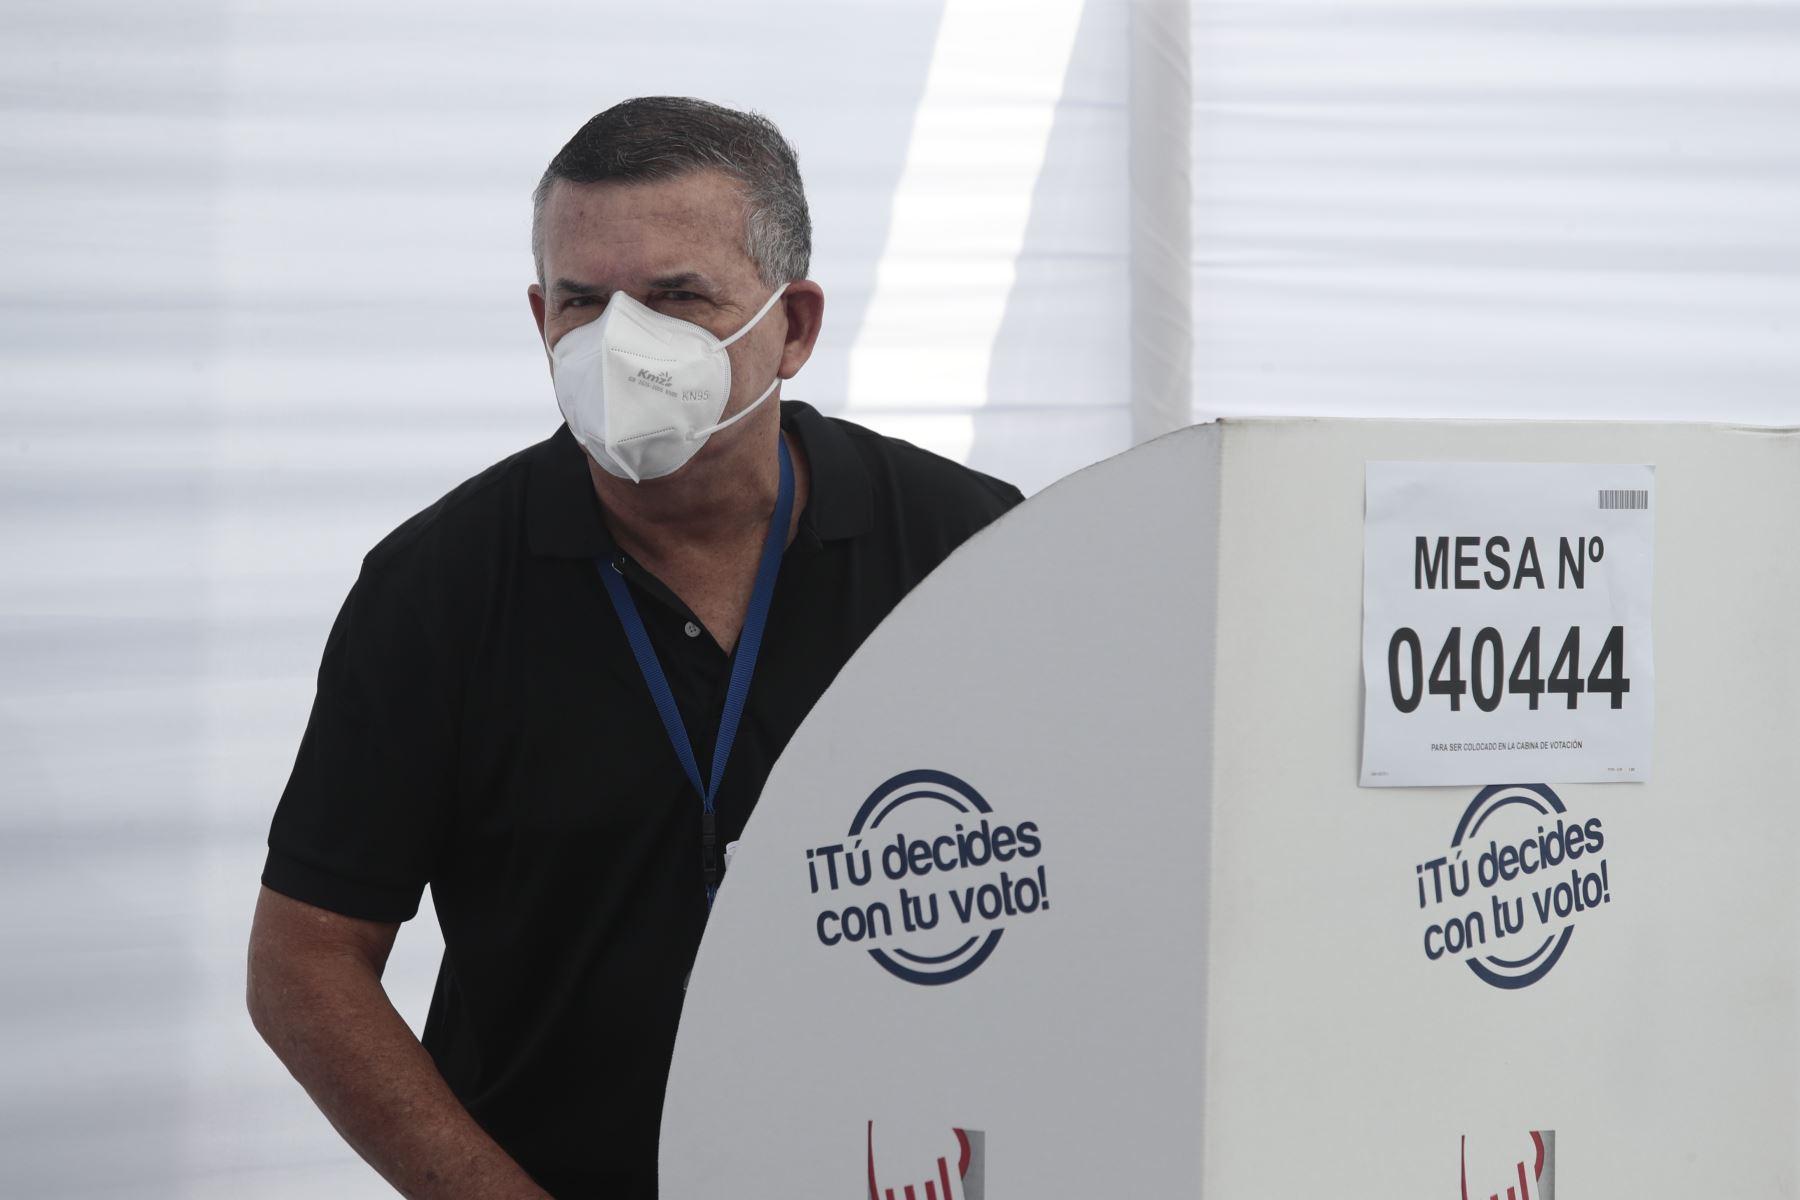 LIMA (PERÚ), 11/04/2021.-El candidato presidencial de Podemos Perú, Daniel Urresti, emite su voto en el Estadio Nacional La Molina Musa, en el distrito de La Molina, durante la jornada de las Elecciones Generales 2021. Foto: ANDINA/Braian Reyna